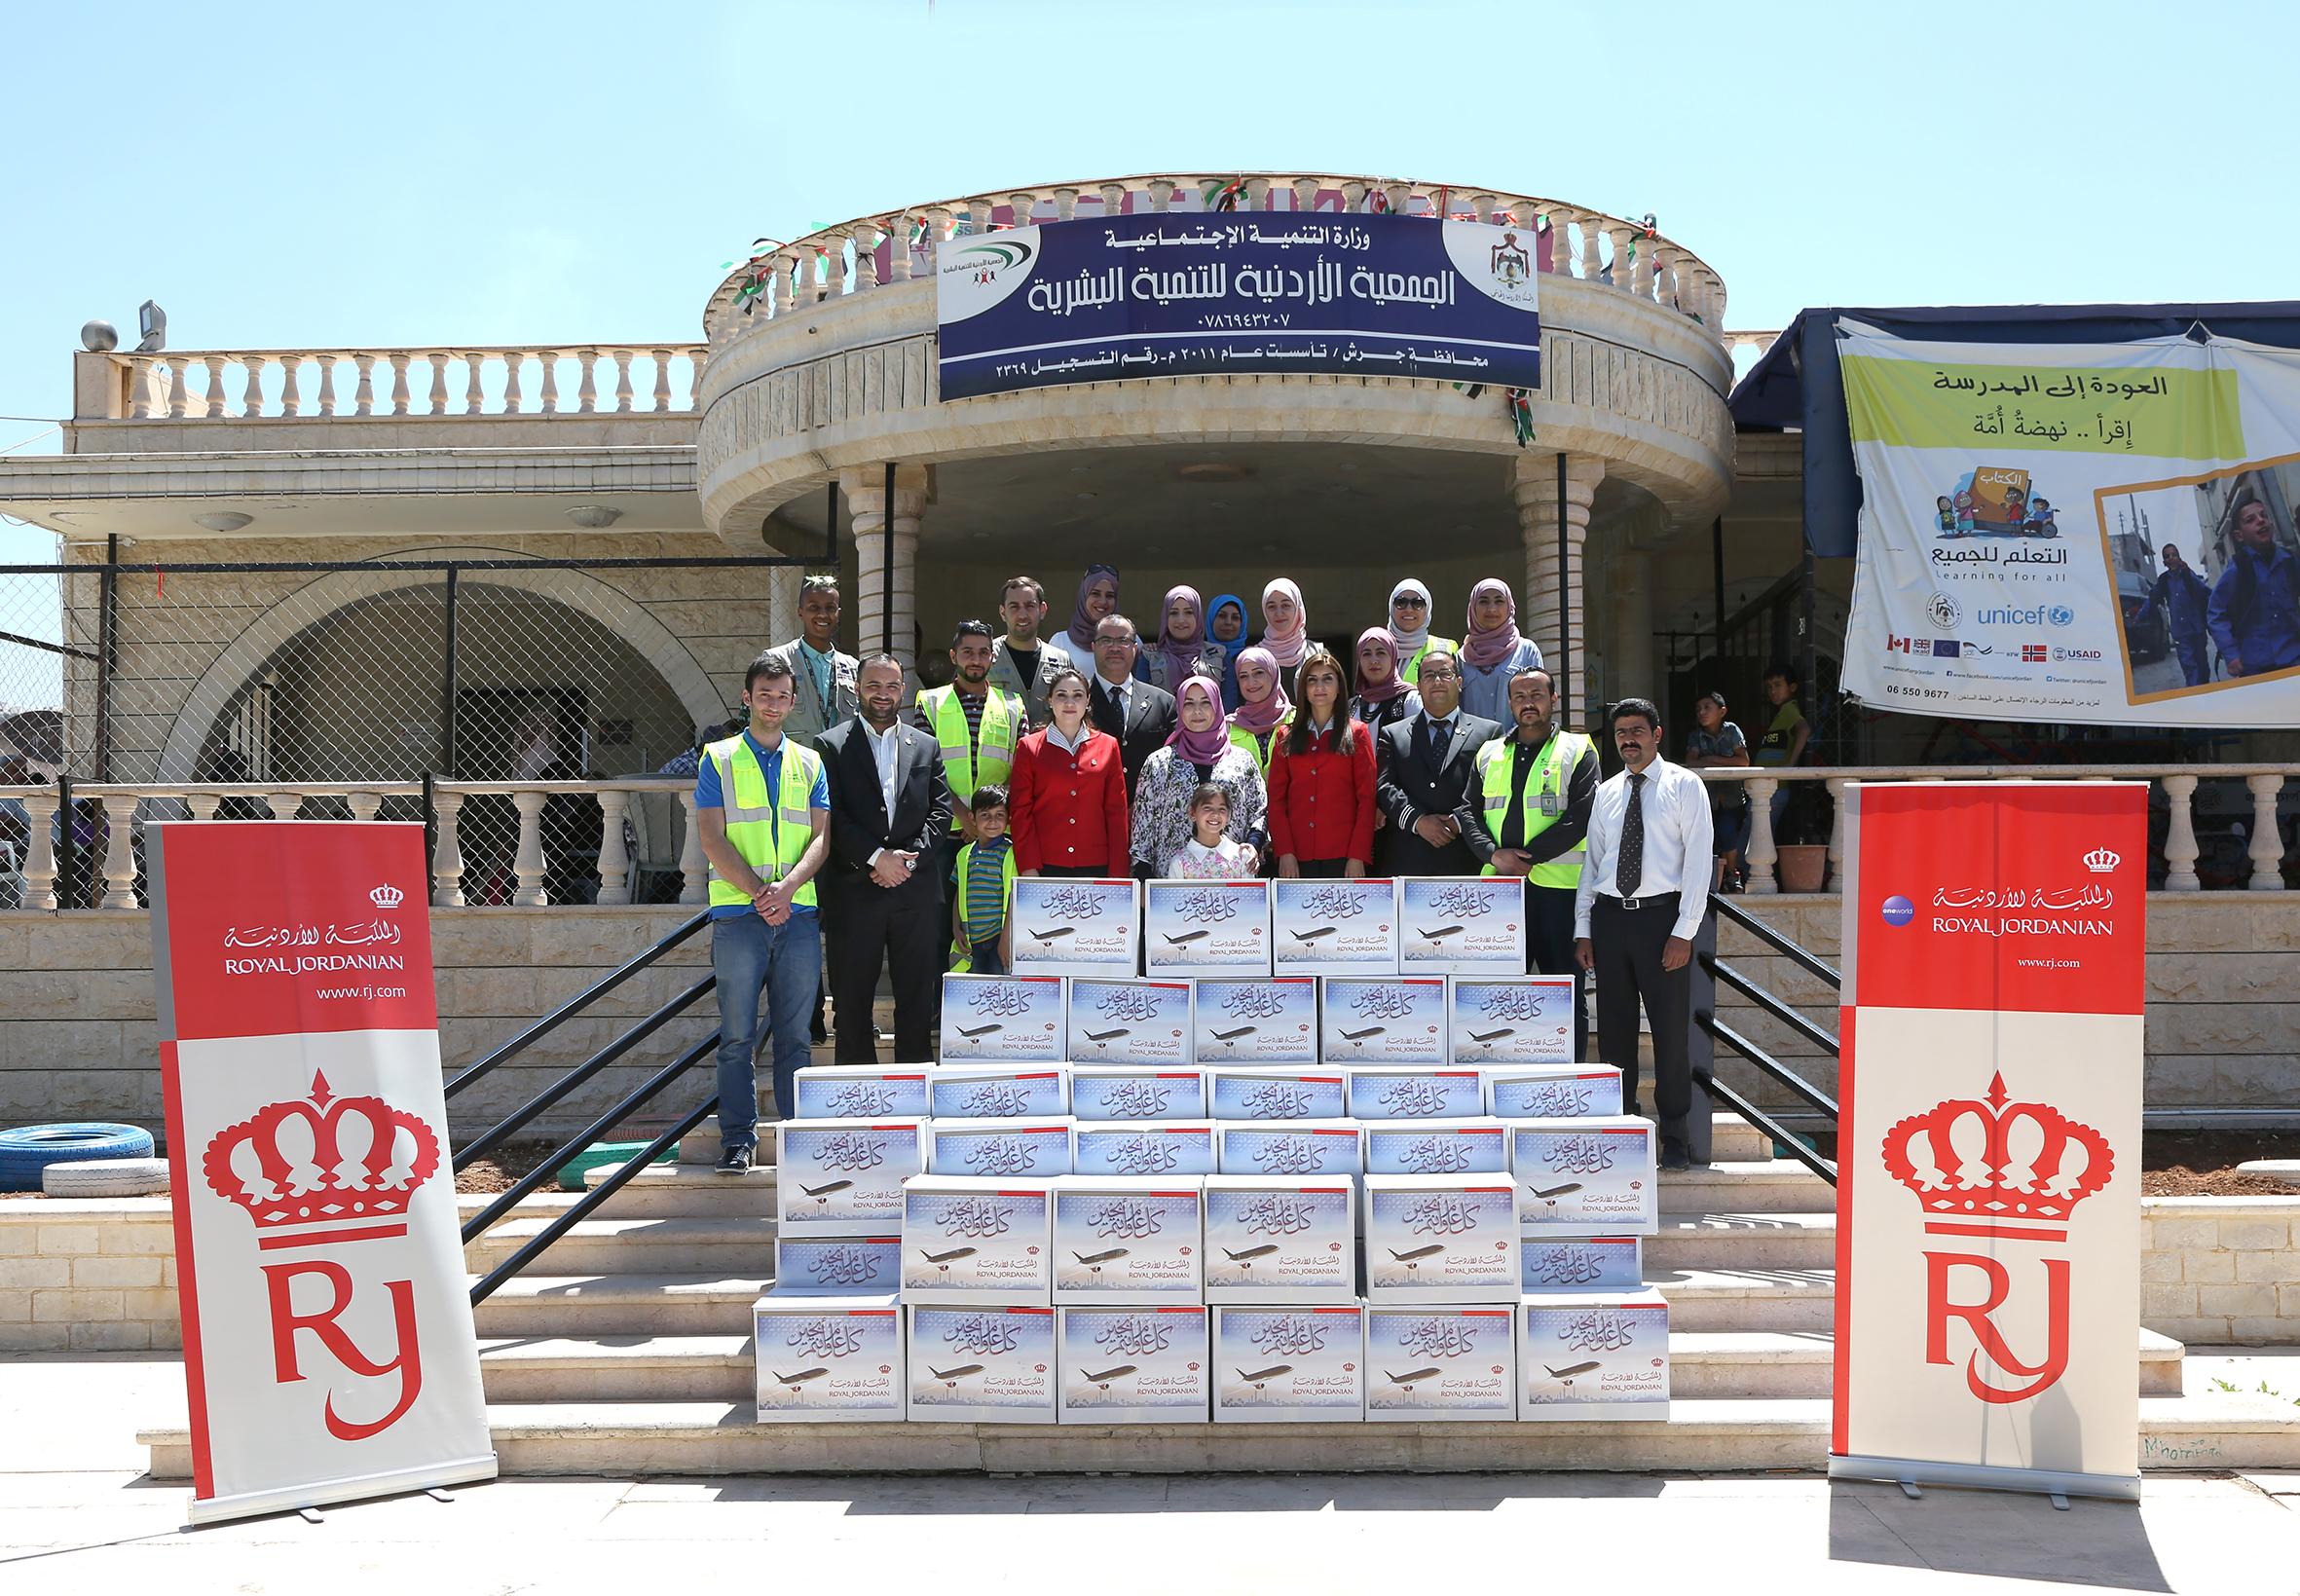 بالصور..الملكيّة الأردنيّة تستكمل حملتها الرمضانية بتكريم المزيد من الأيتام وتوزيع المساعدات في المحافظات